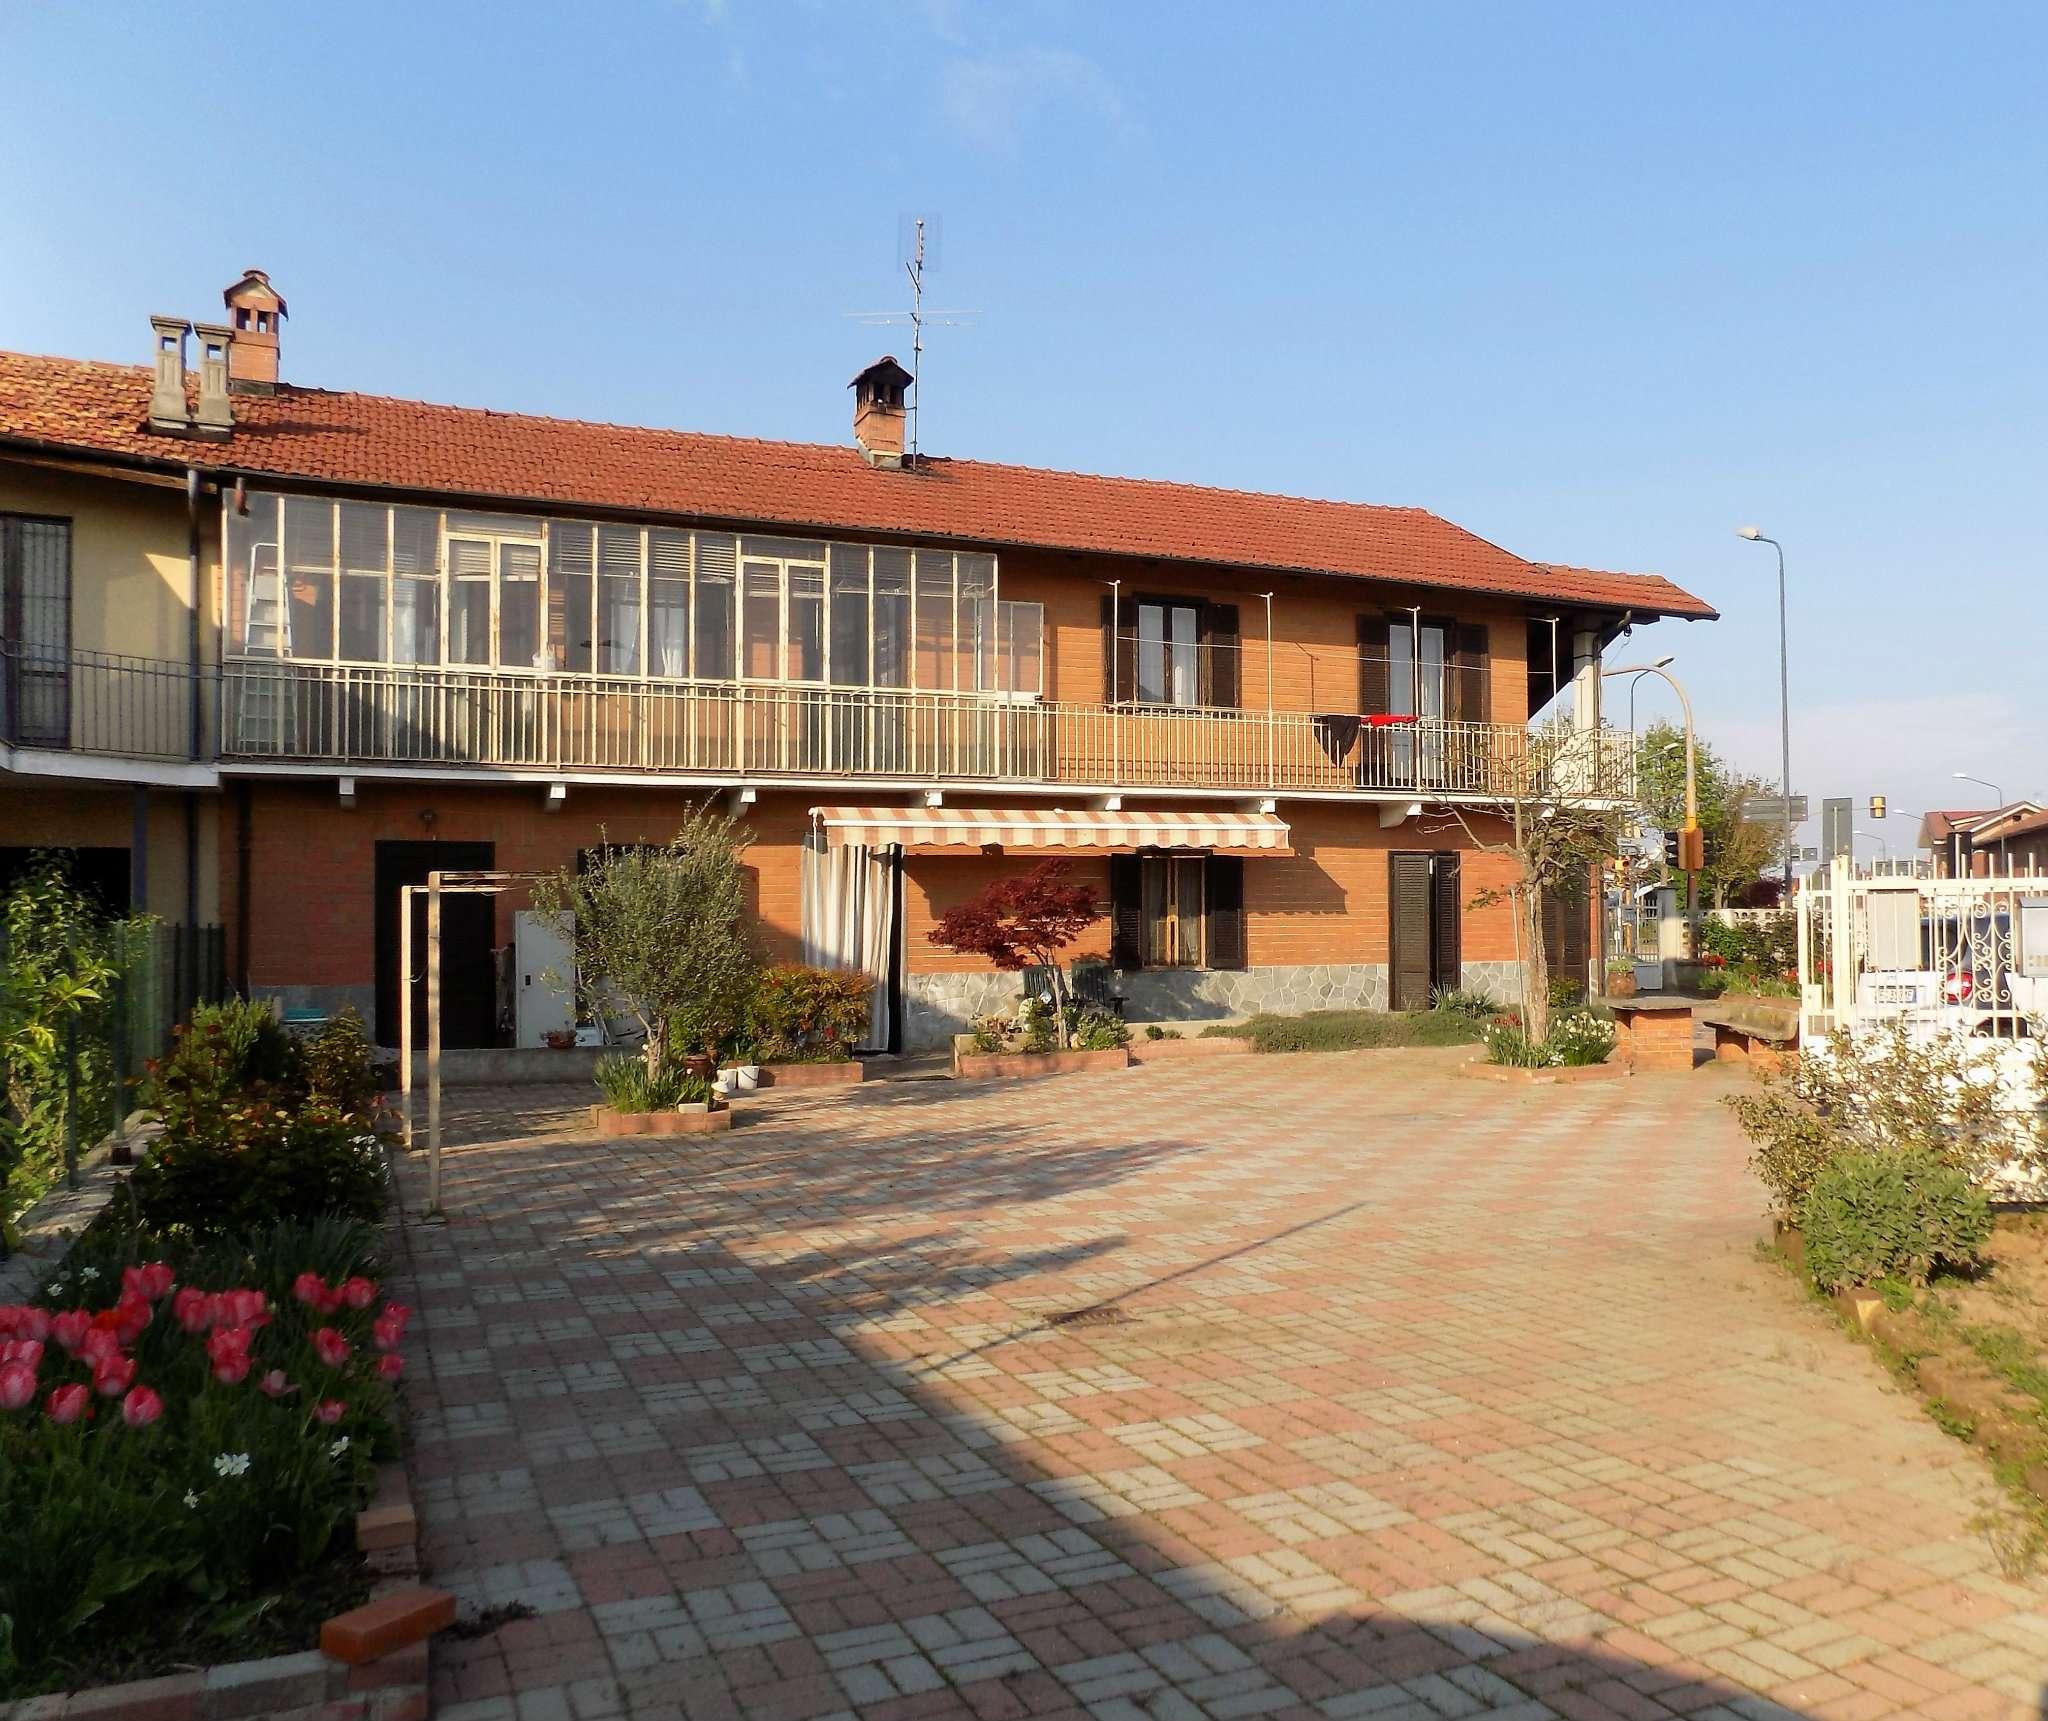 Soluzione Indipendente in vendita a Candiolo, 8 locali, prezzo € 265.000 | Cambio Casa.it